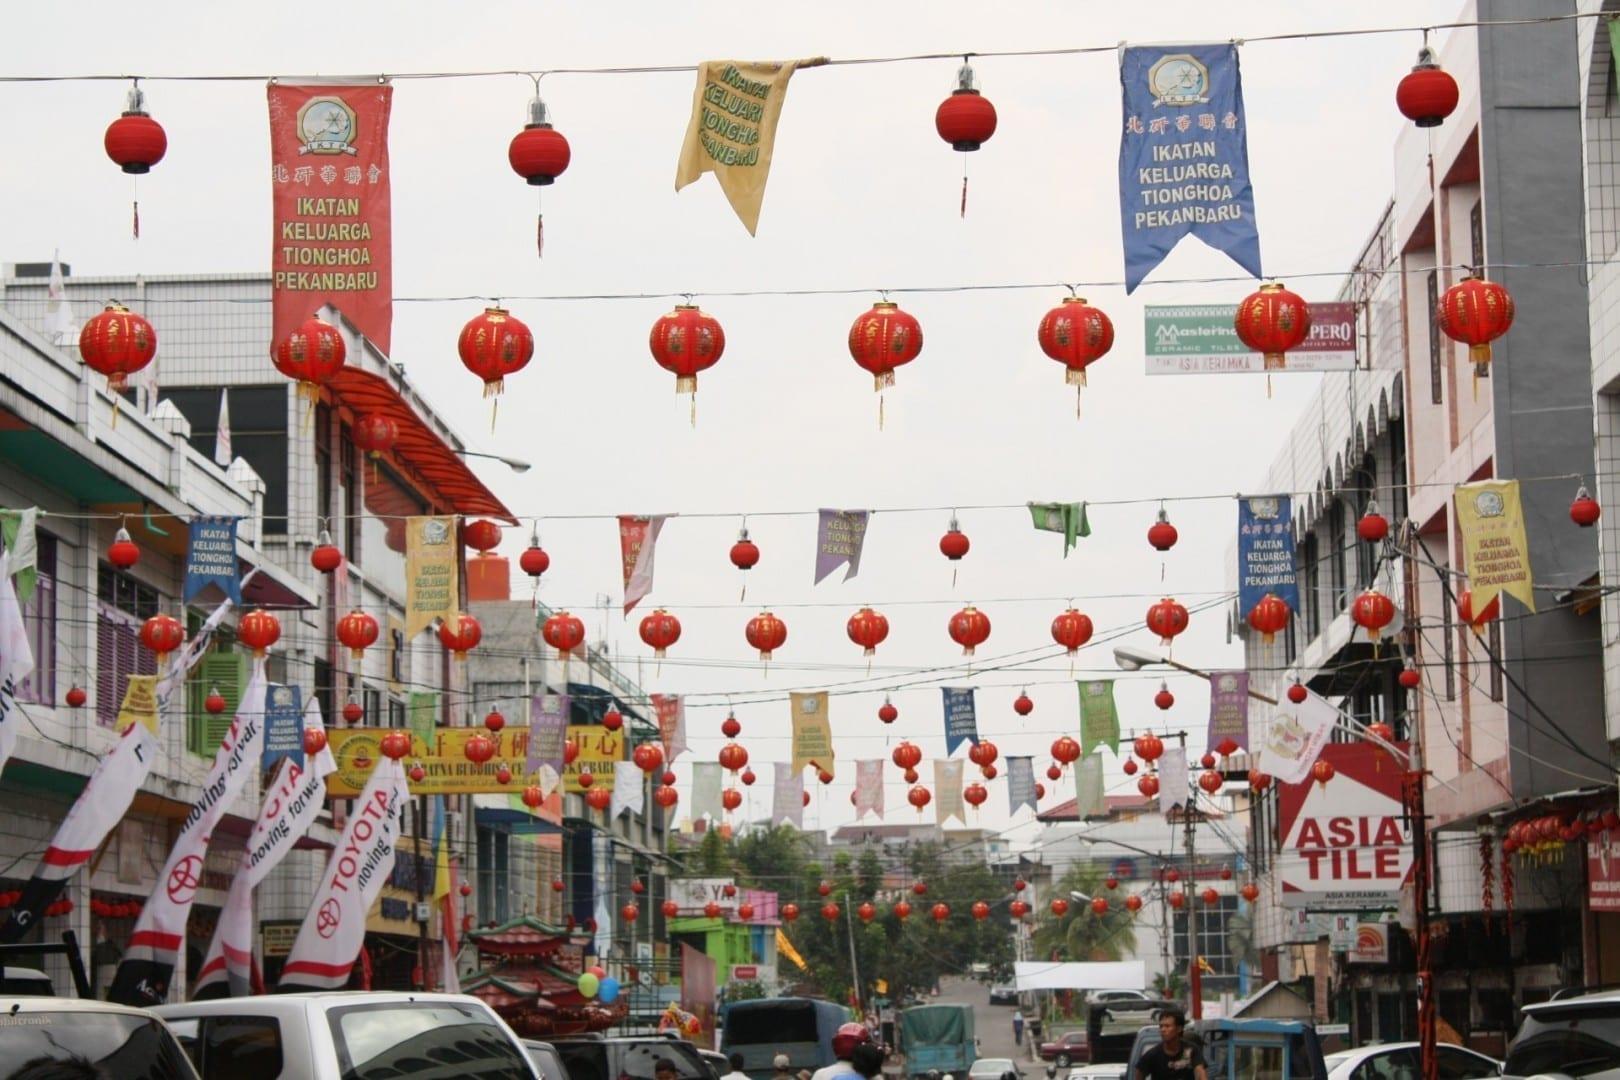 Faroles rojos brillantes en el Año Nuevo Chino en el Barrio Chino de Pekanbaru Pekanbaru Indonesia